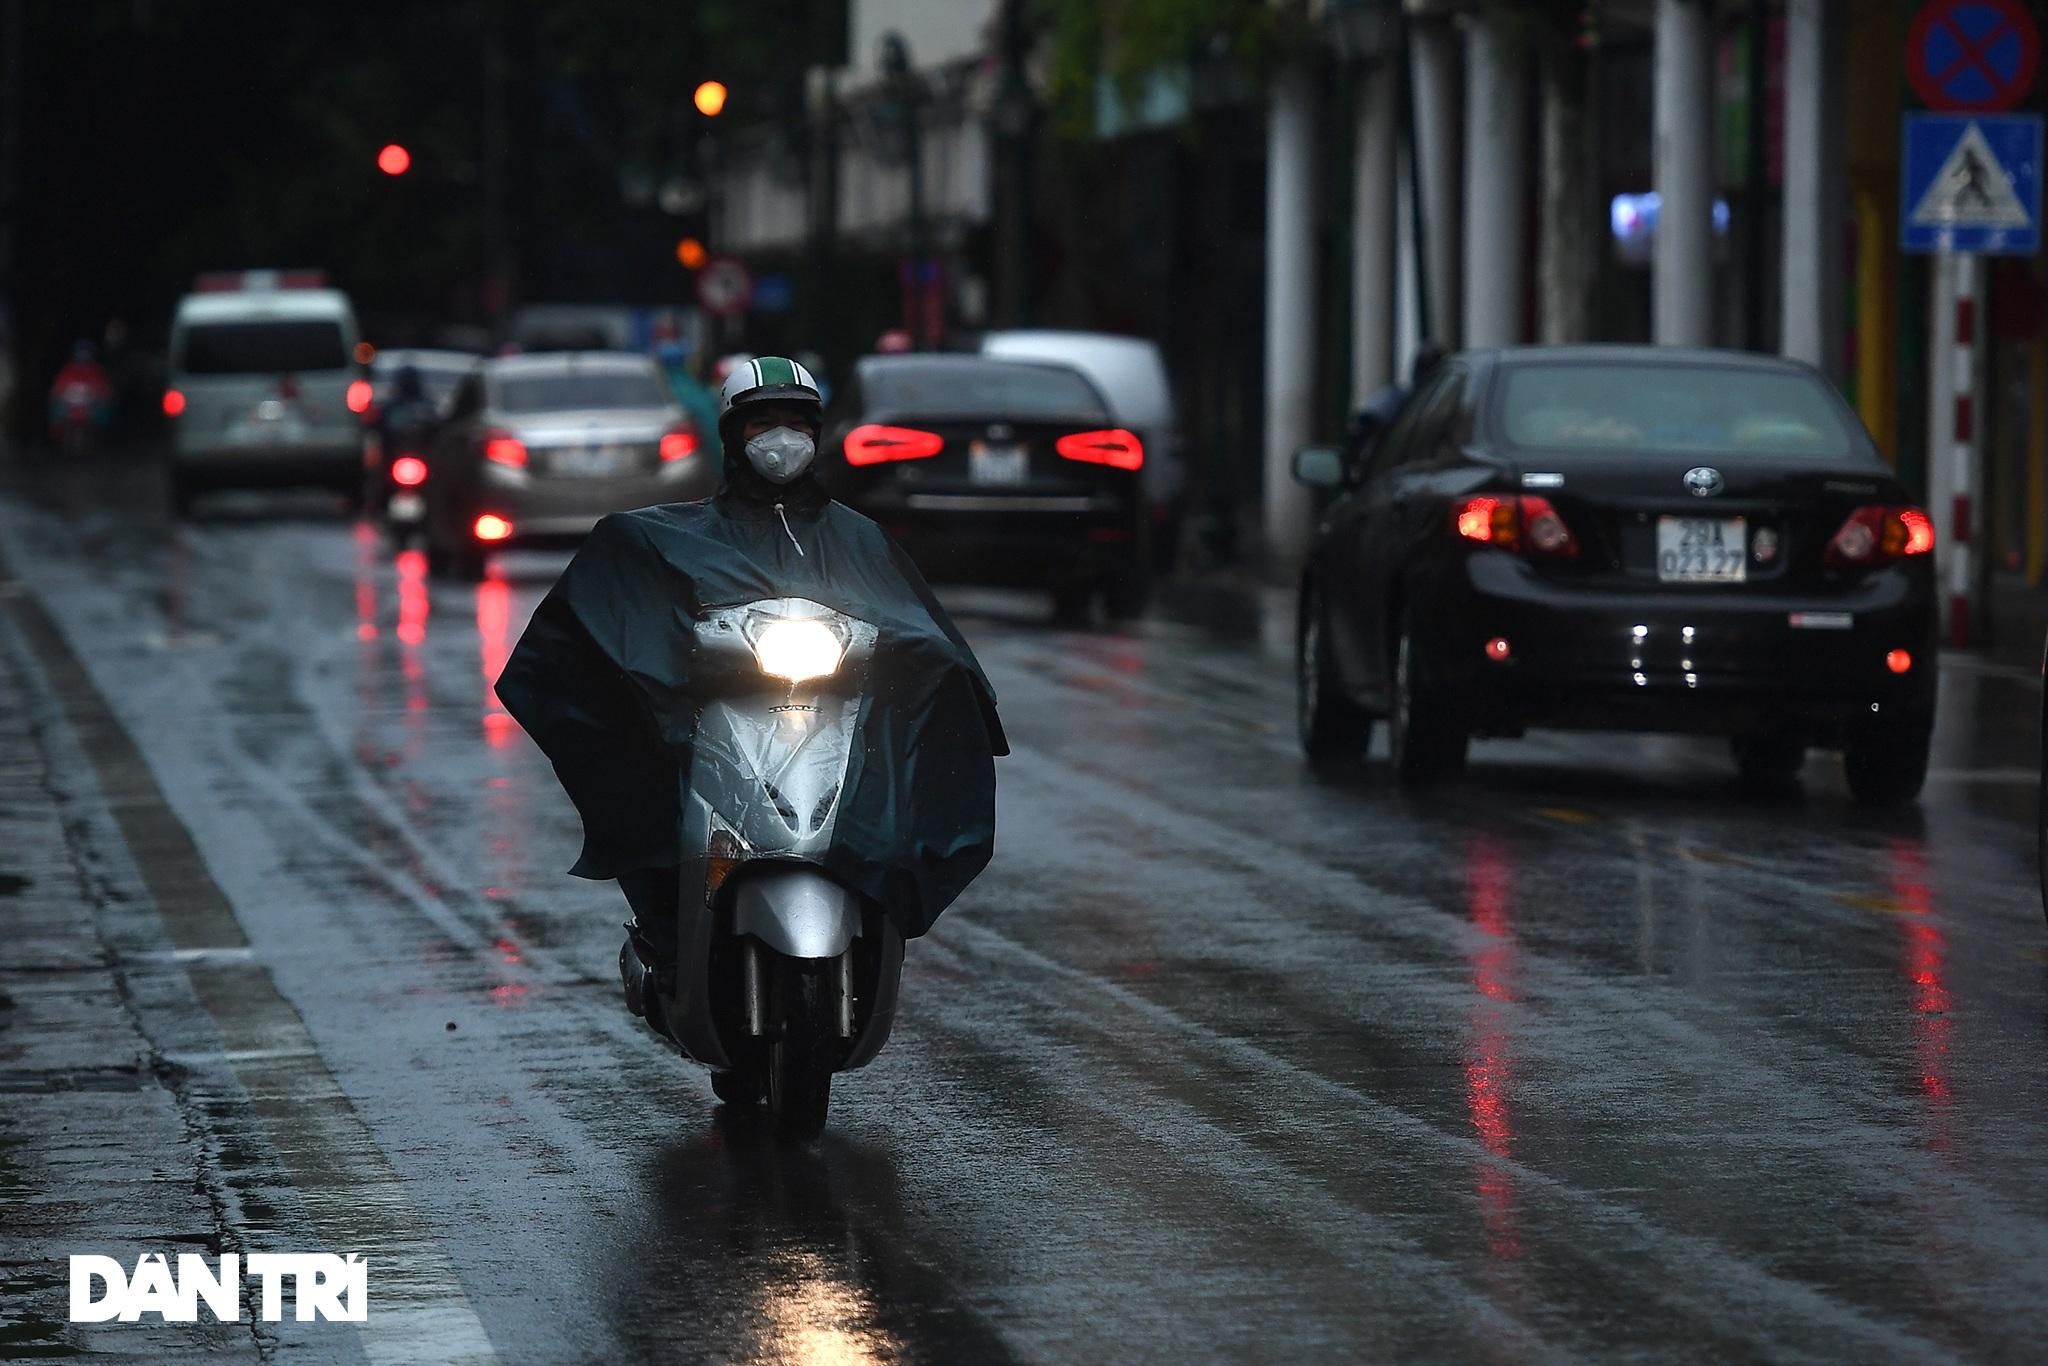 Bầu trời Hà Nội tối sầm sau mưa, xe cộ bật đèn pha lưu thông giữa ban ngày - 4